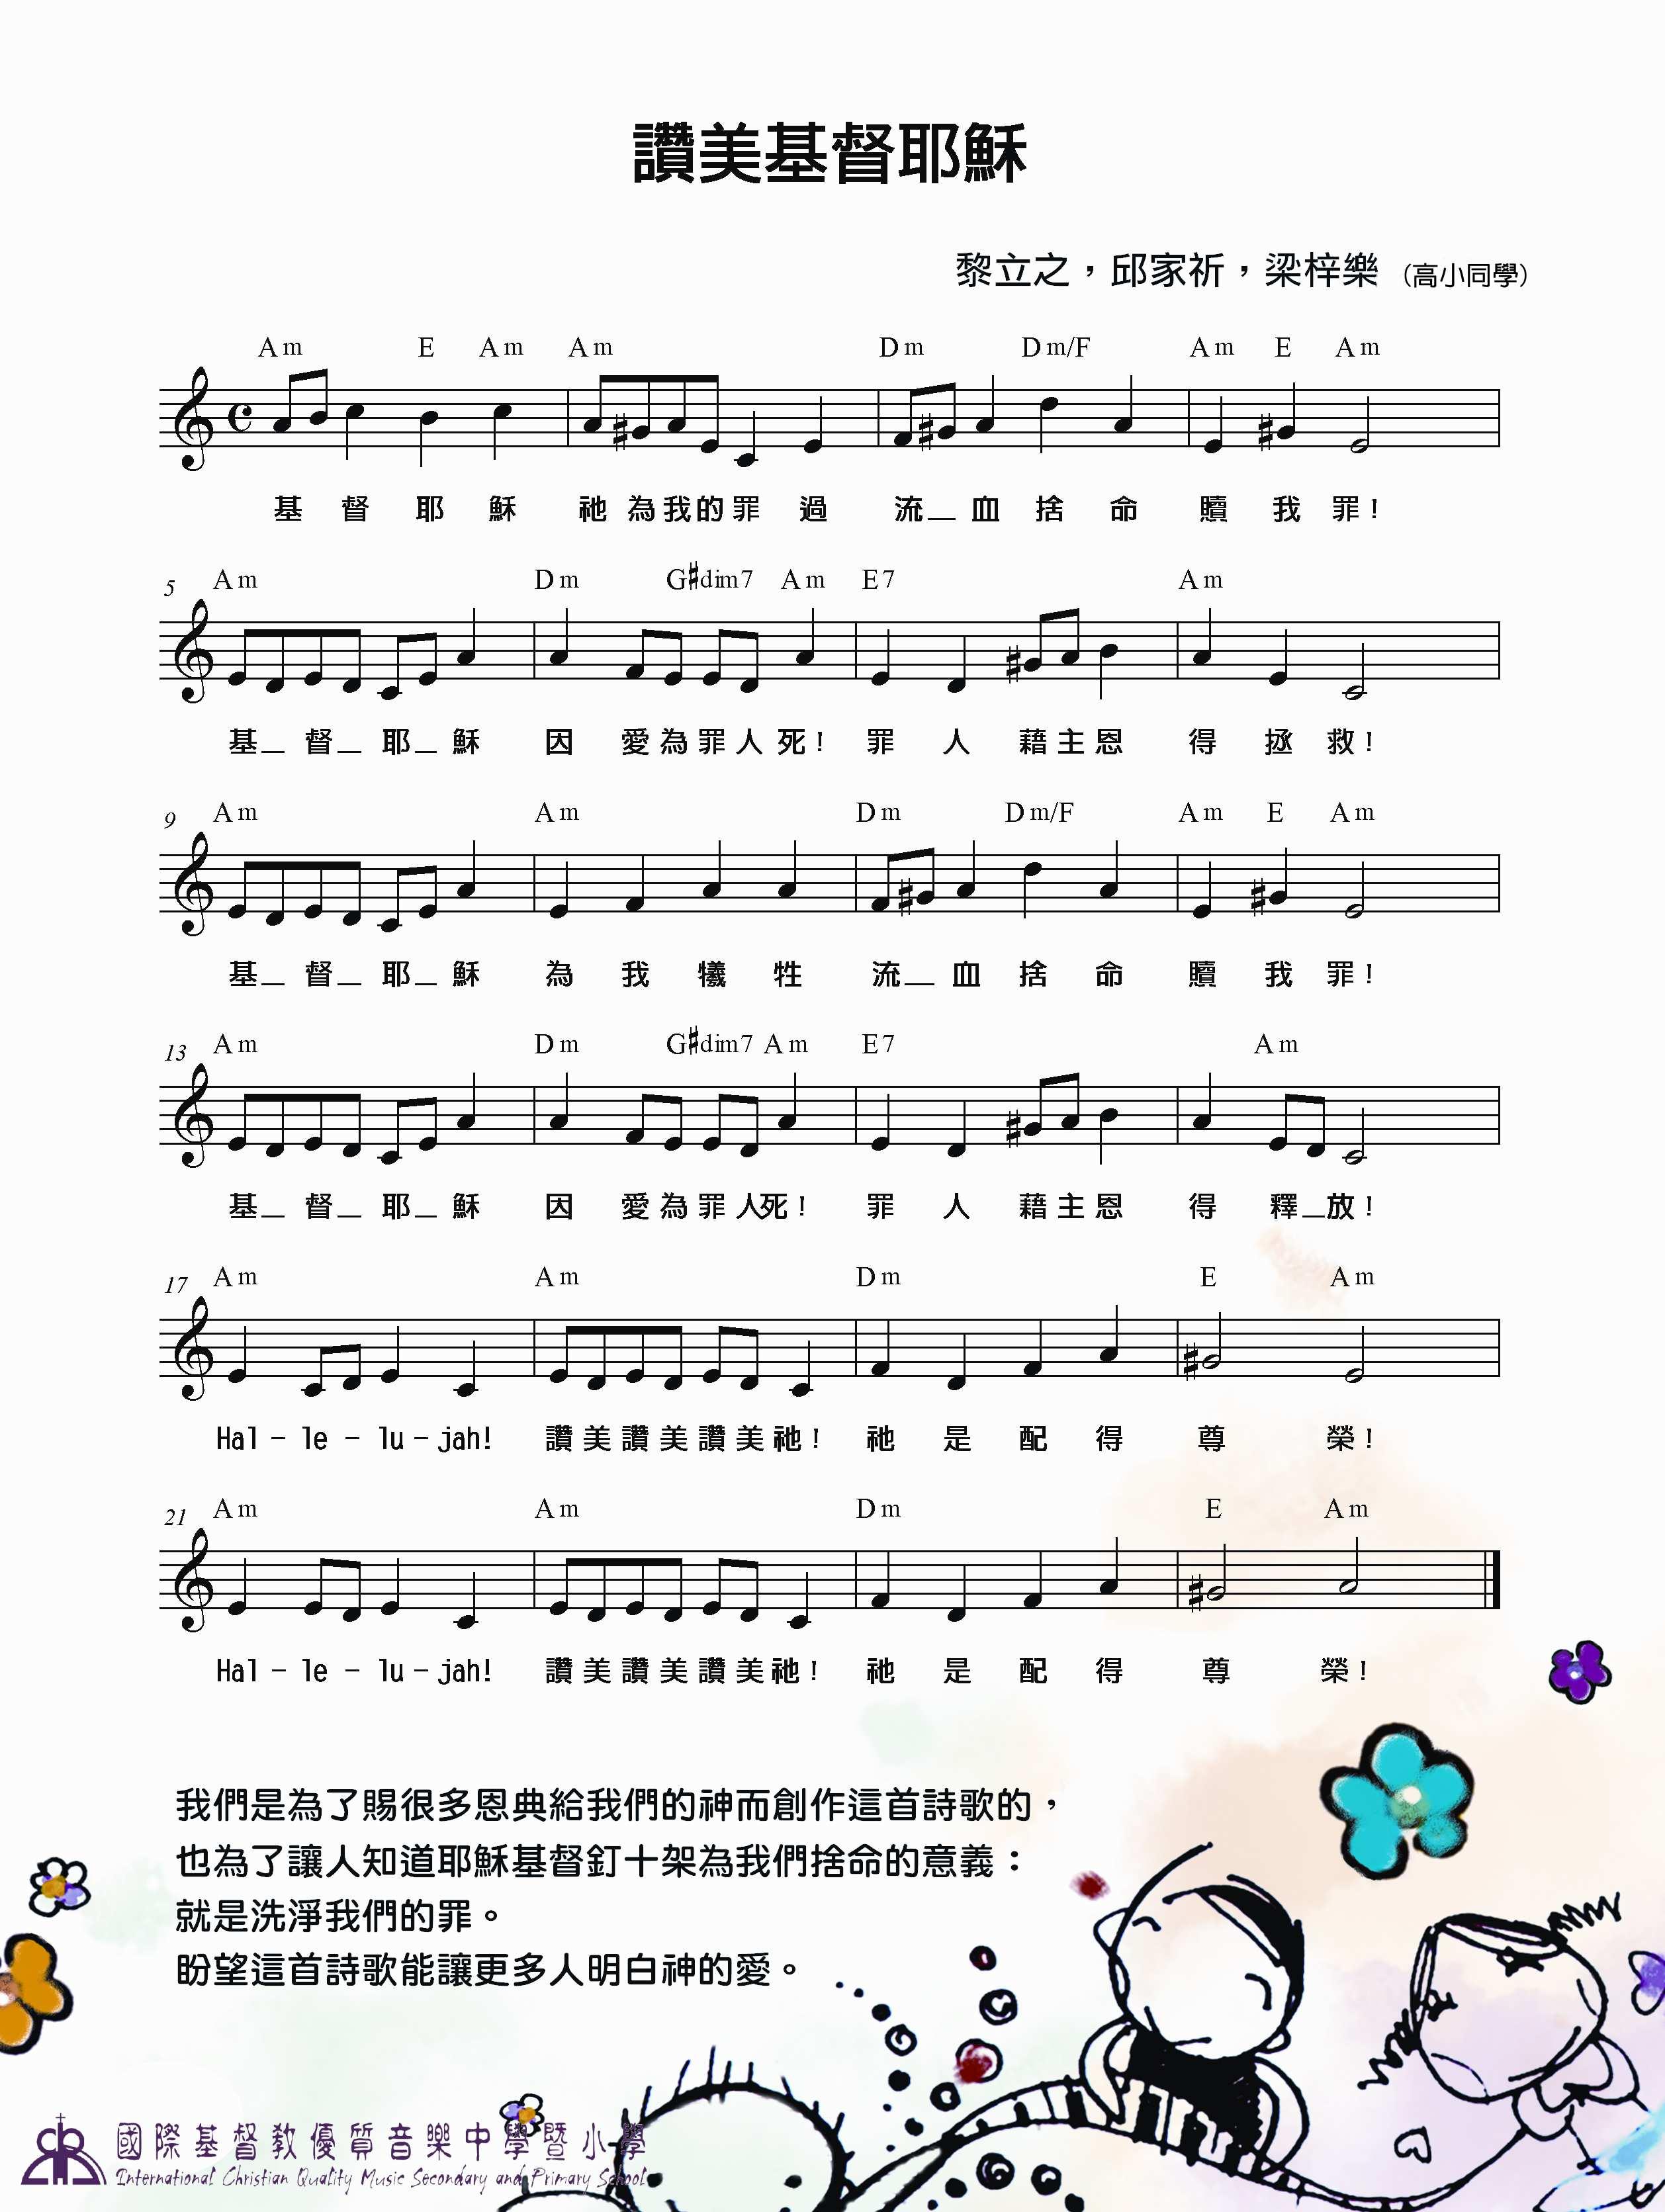 表情 赞美基督耶稣钢琴谱 歌谱网 表情